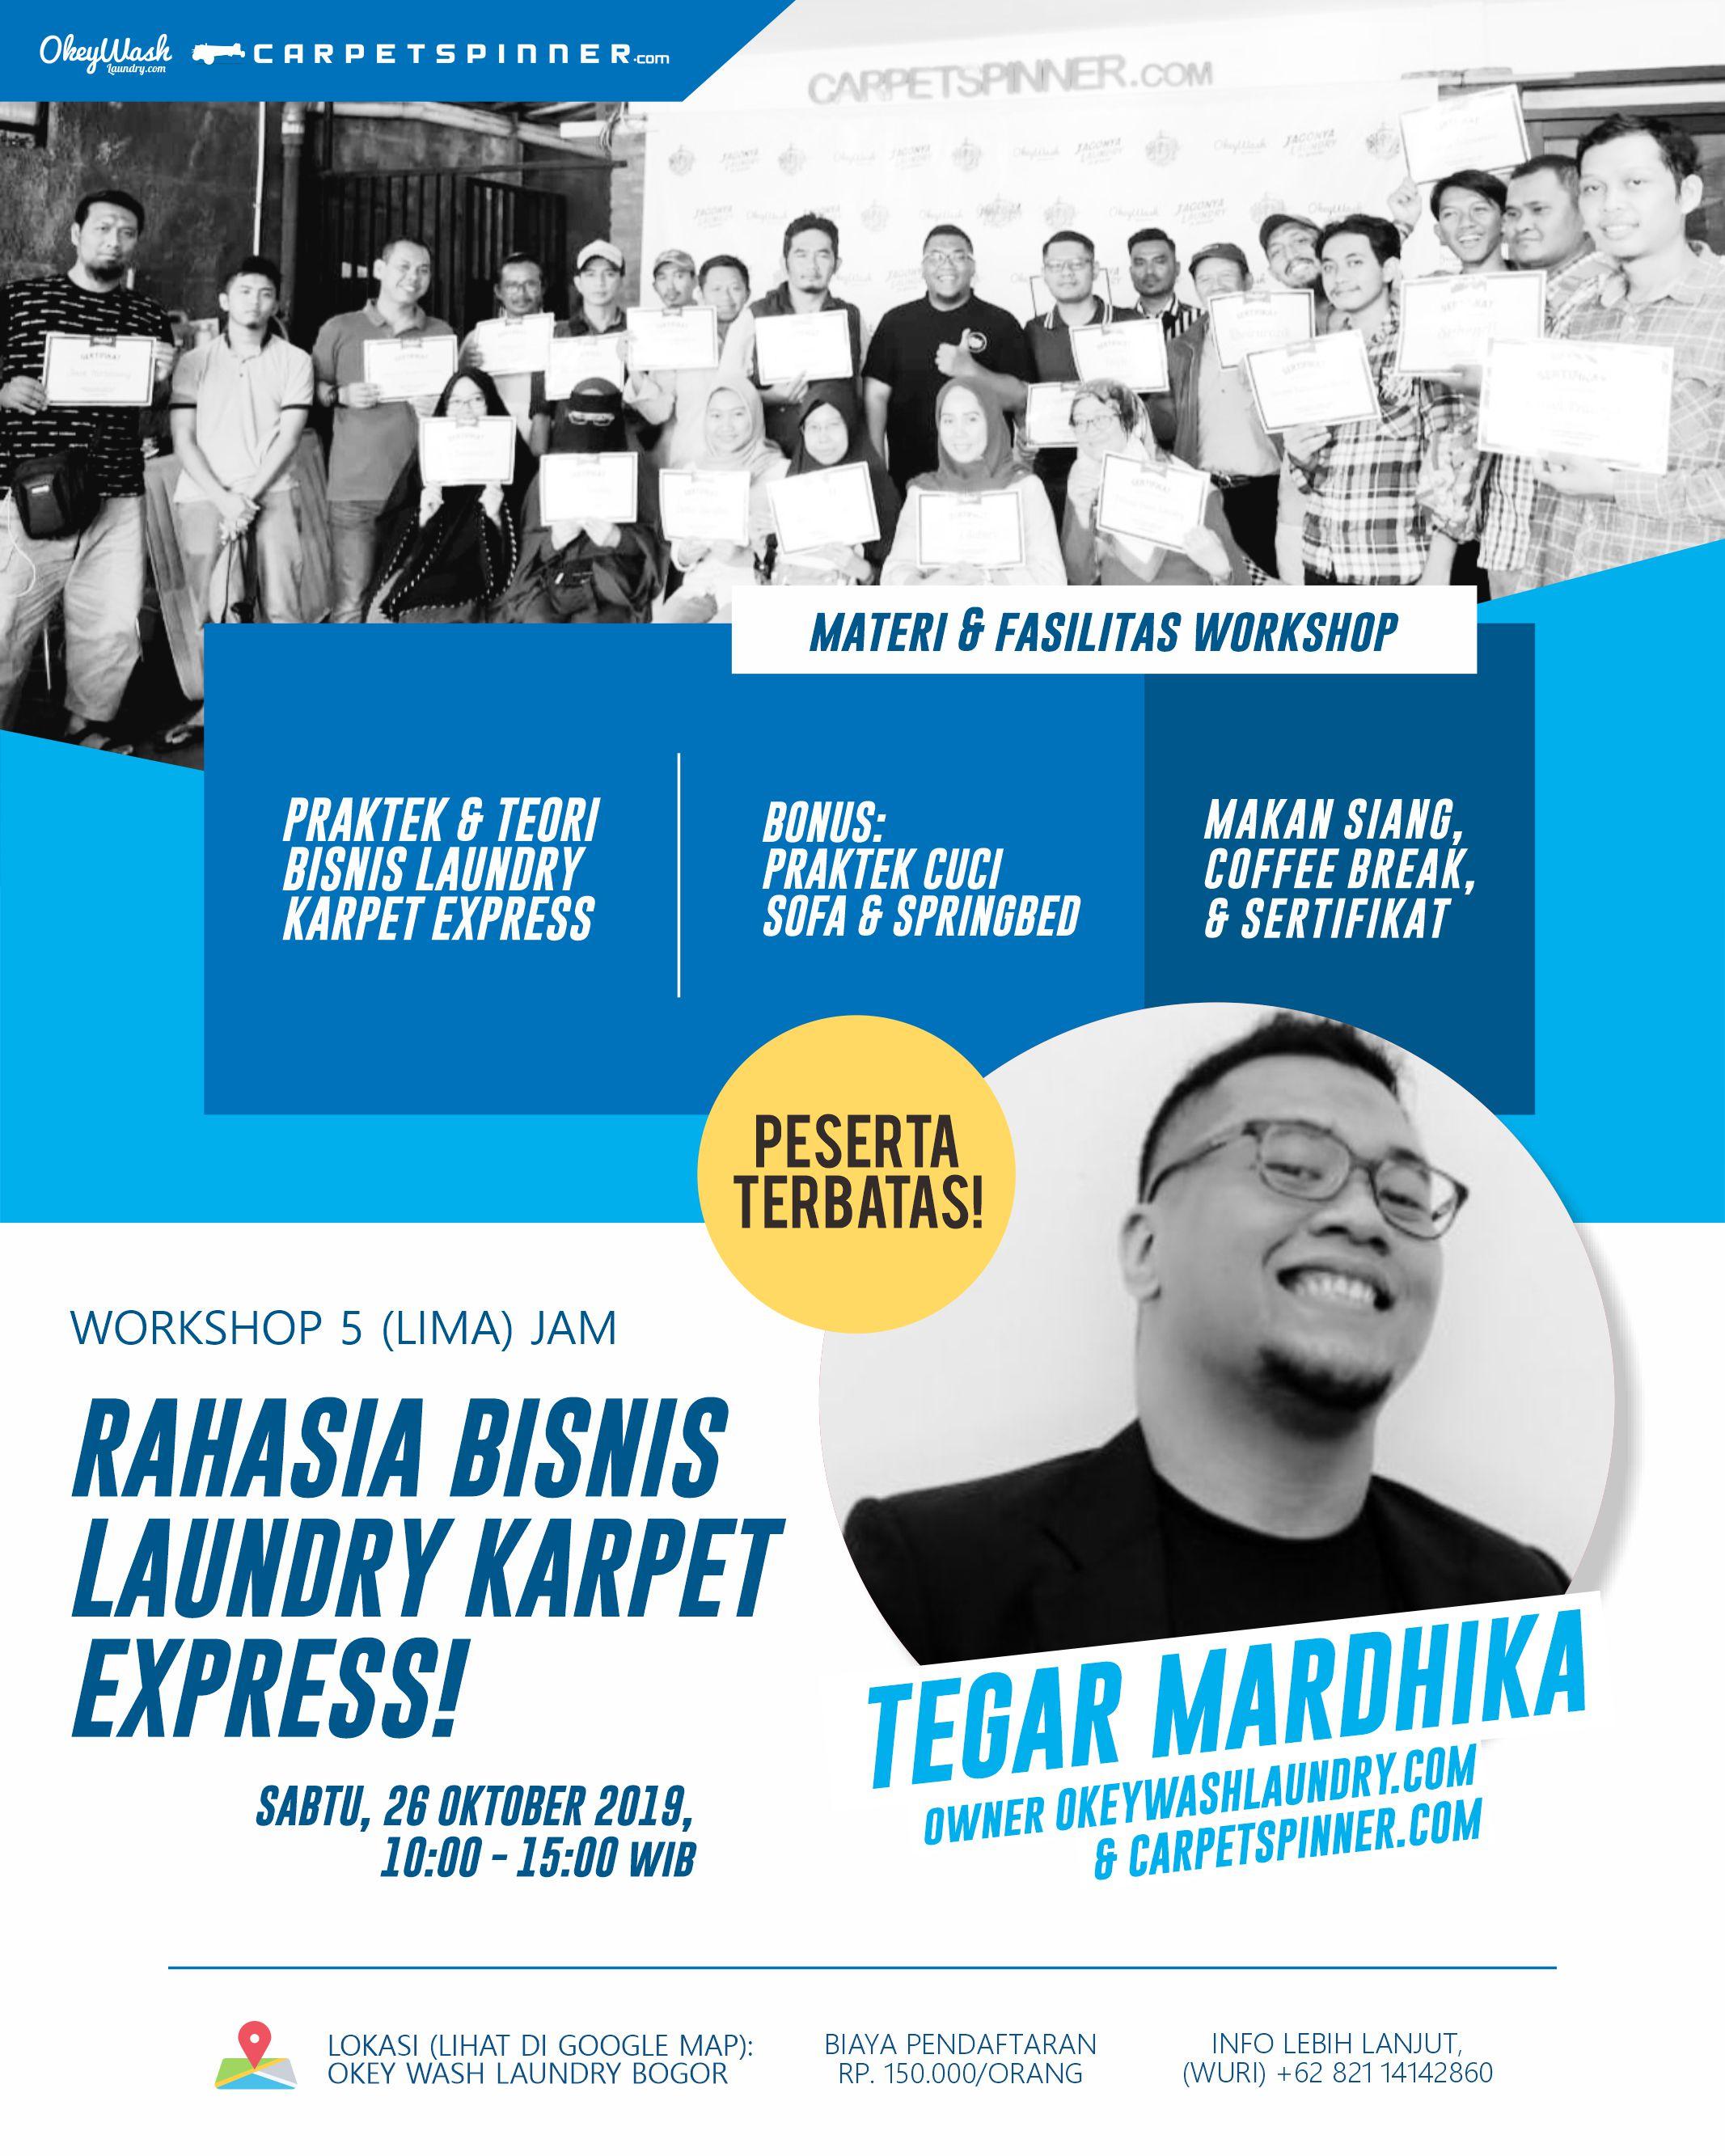 Rahasia Bisnis Laundry Karpet Express, 26 Oktober 2019. Daftar Sekarang Juga Via WhatsApp ke +6282114142860!